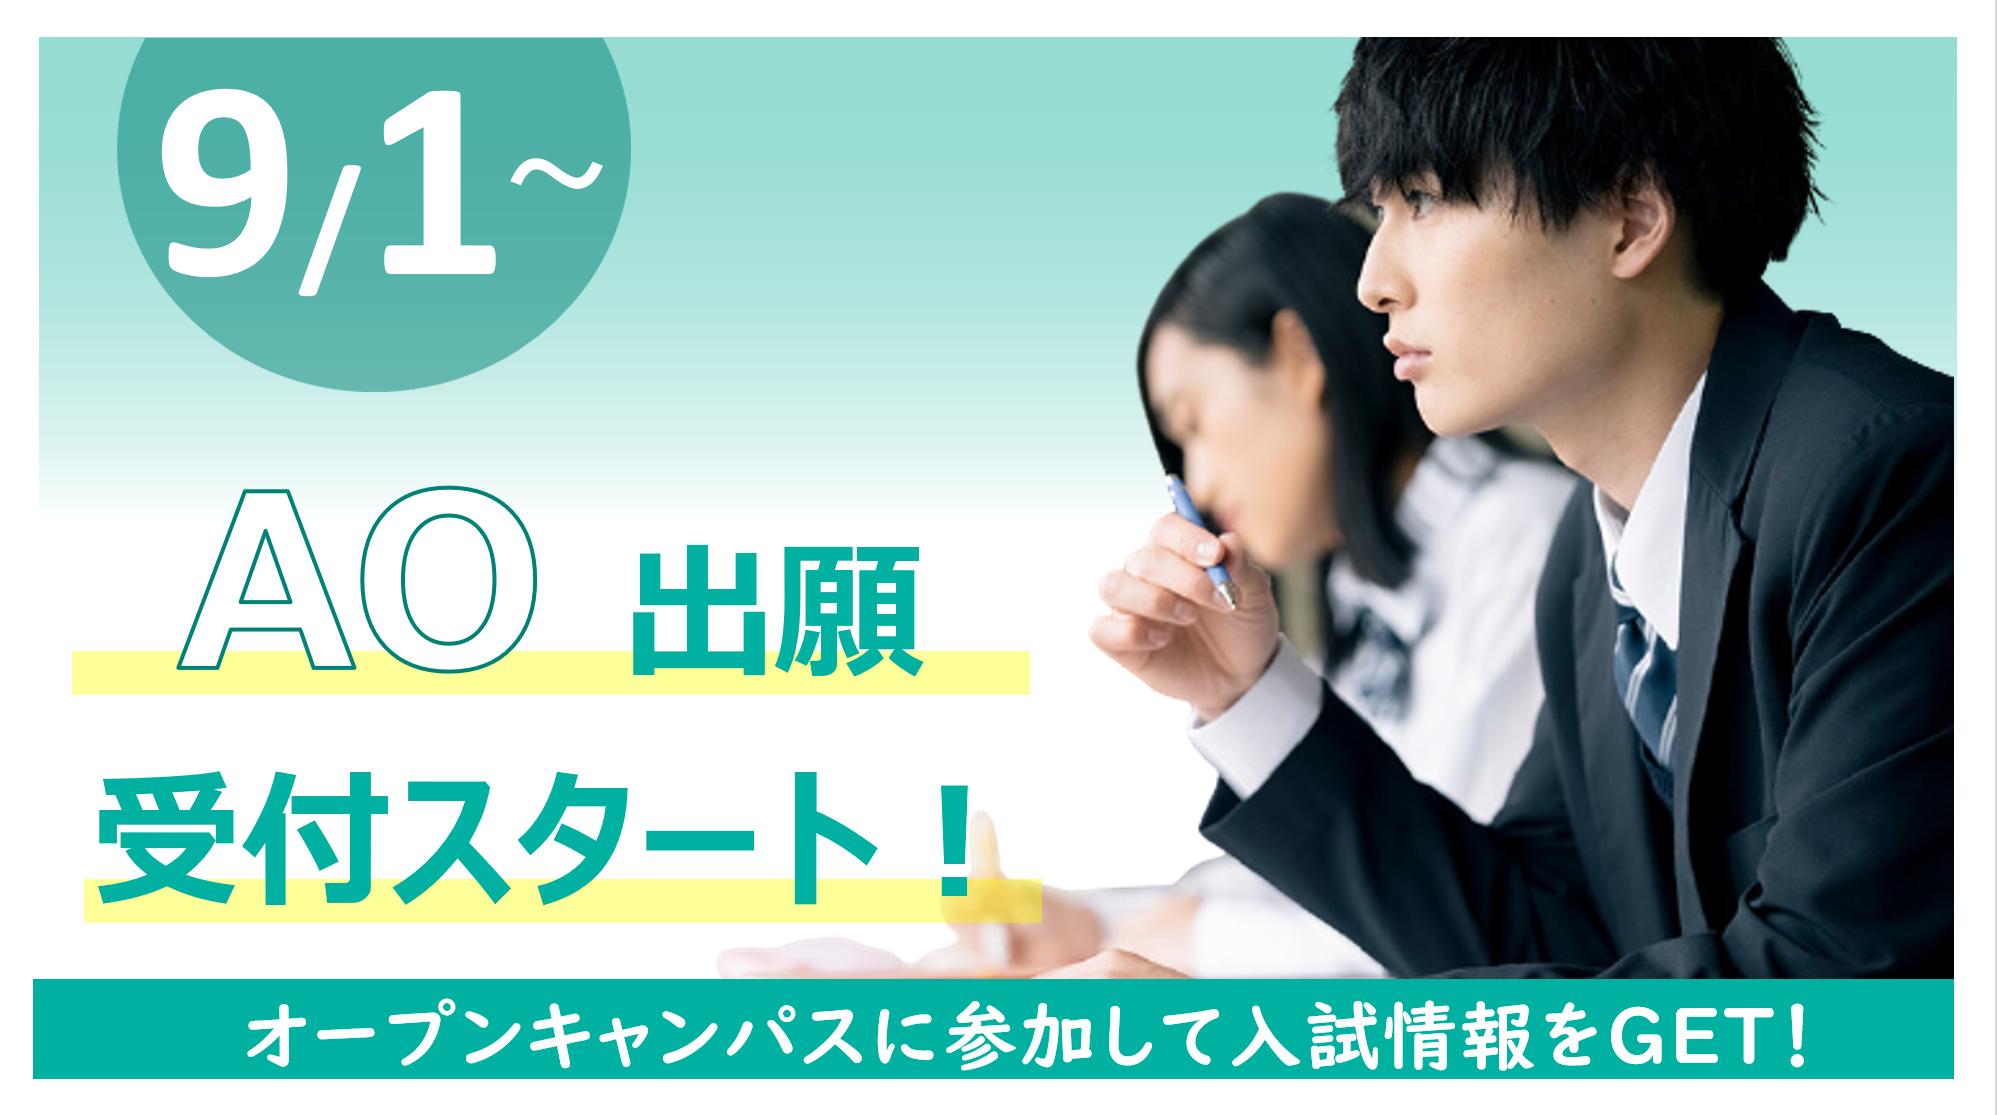 【入試関連】9/1(水)~AO出願受付スタート!まずはオープンキャンパスに参加して自分に合った入試方法をご相談ください!